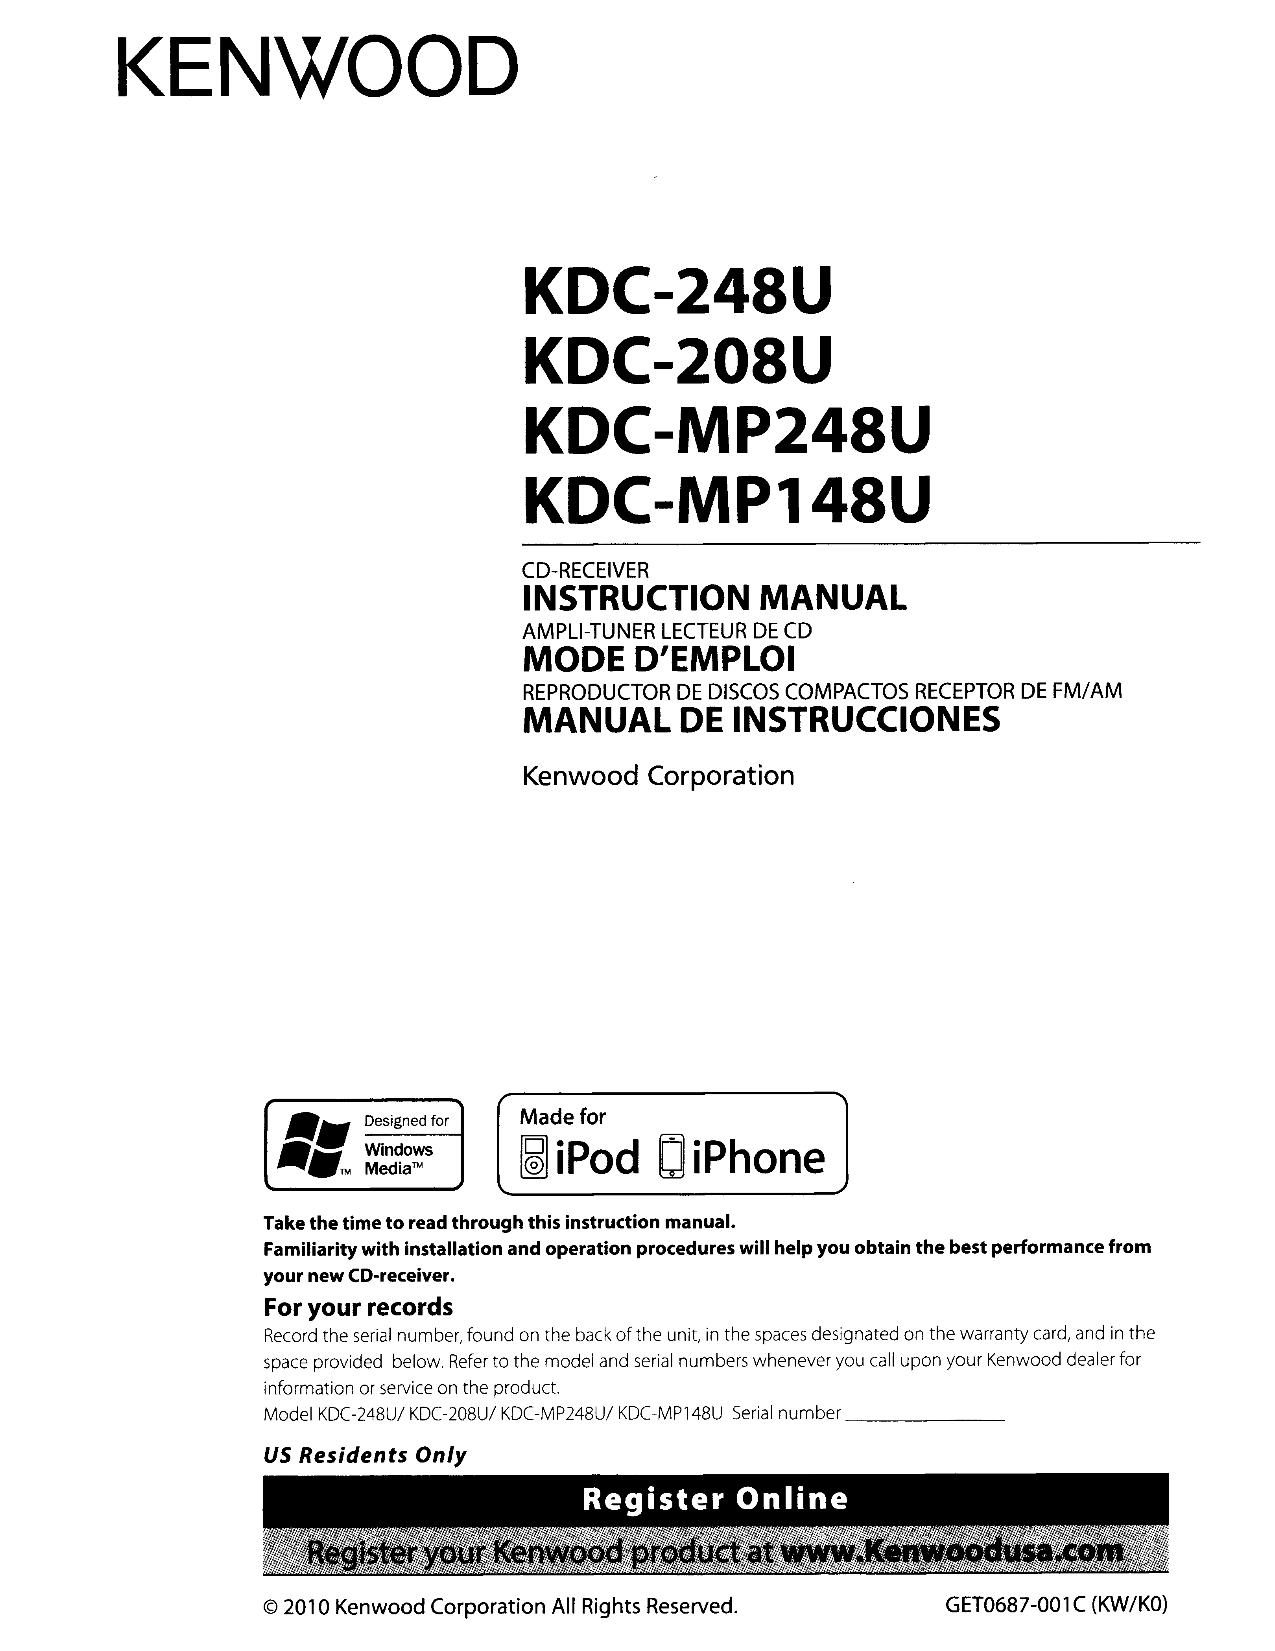 Download Free Pdf For Kenwood Kdc 2025 Car Receiver Manual Model Wiring Diagram